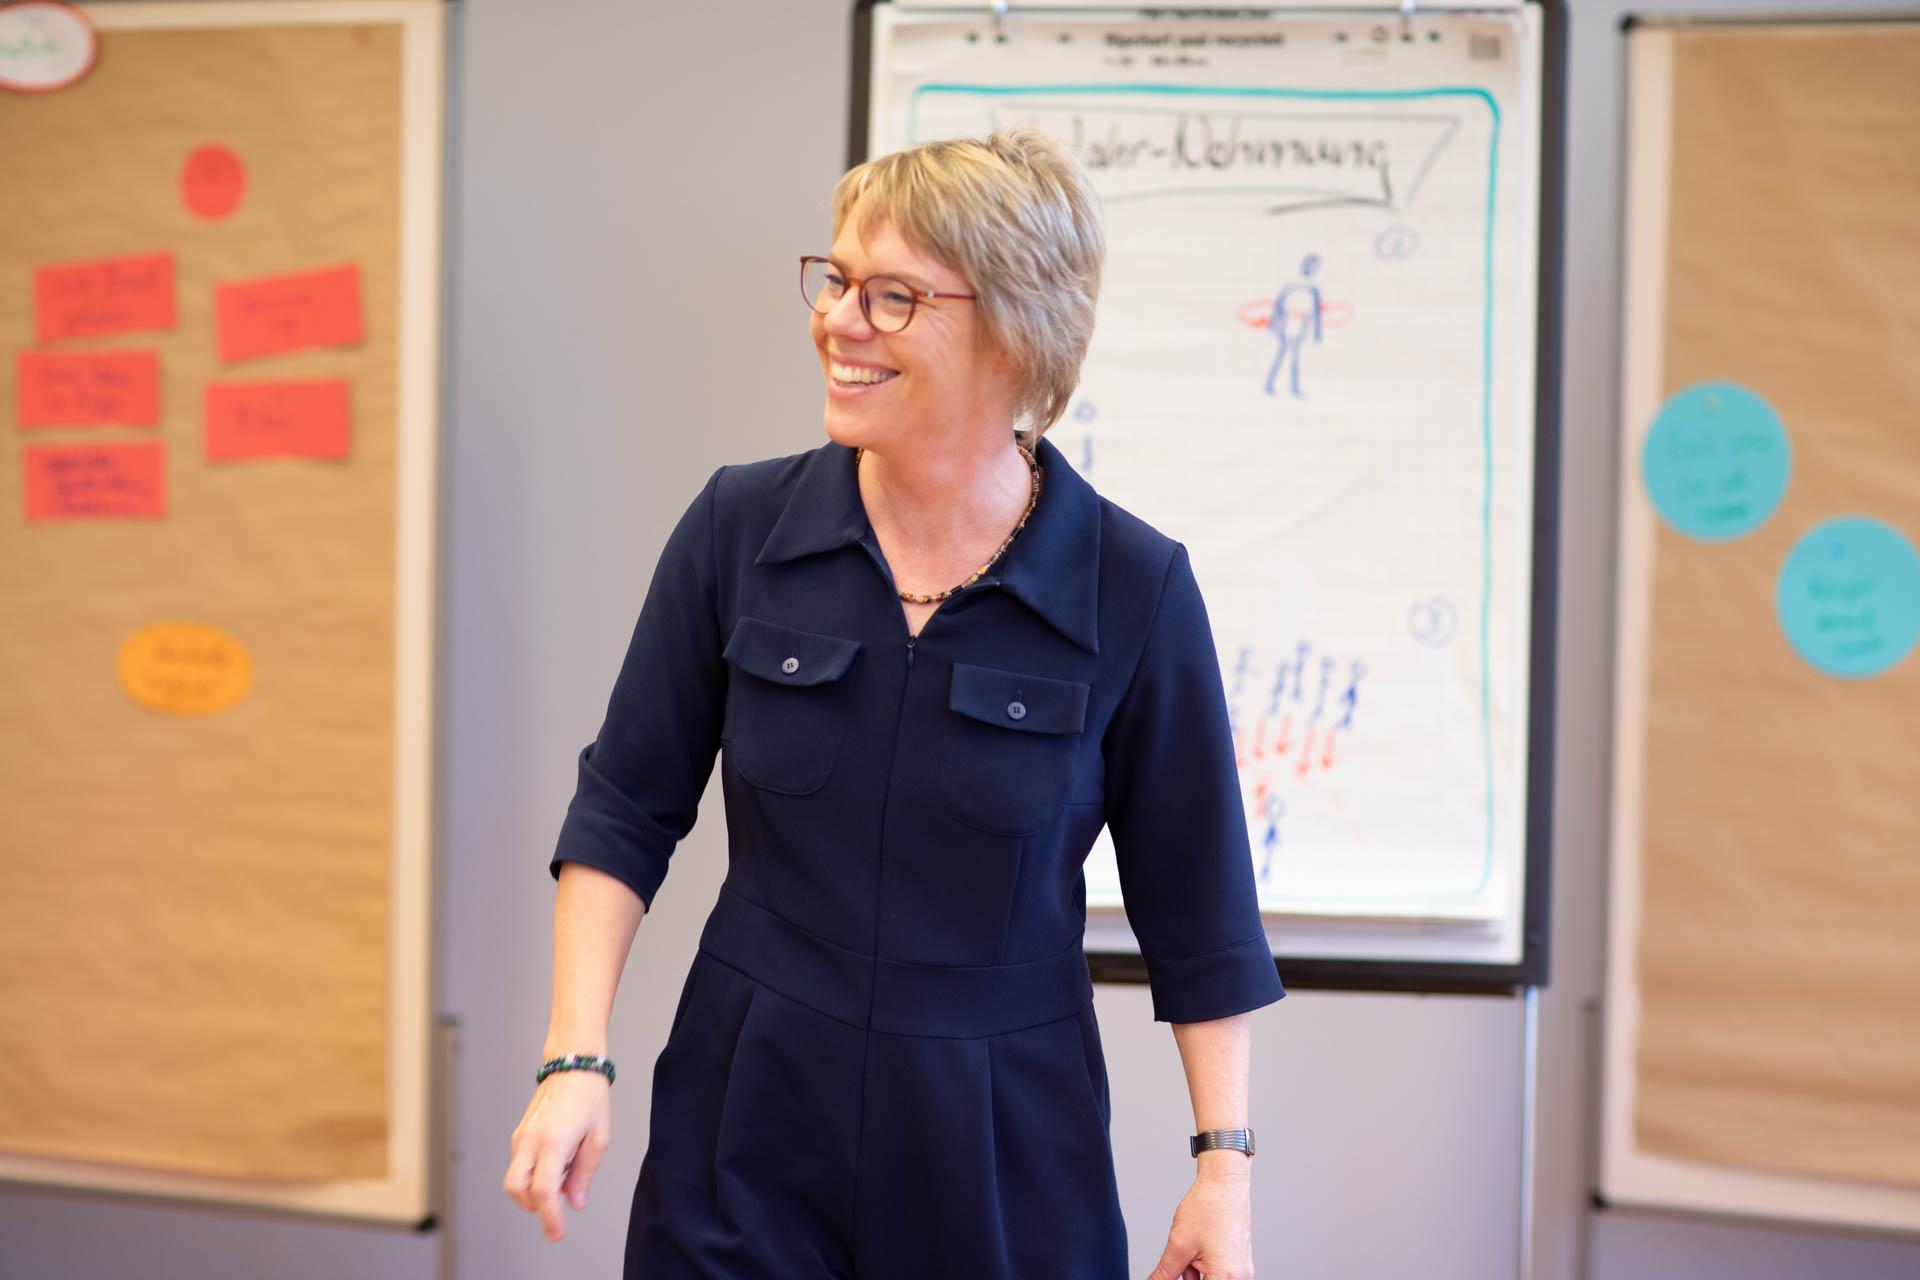 Kristina Böhlke bei einem Workshop